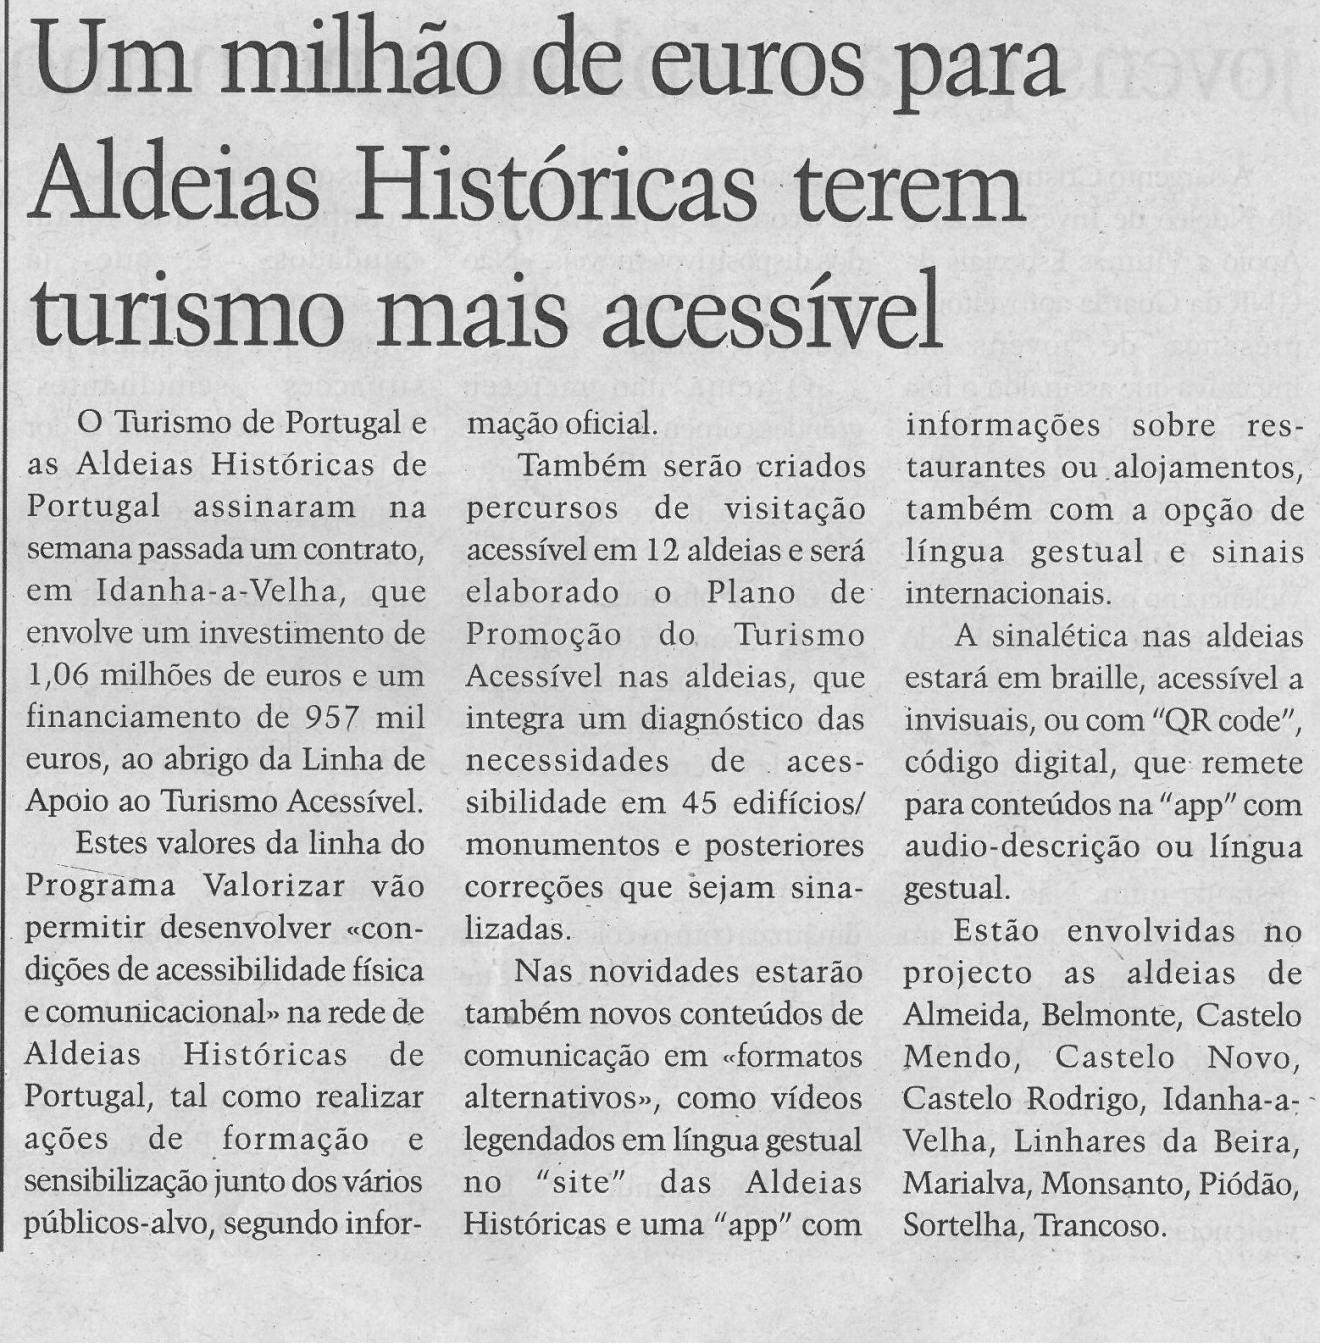 Um milhão de euros para Aldeias Históricas terem turismo mais acessível | Jornal Terras da Beira